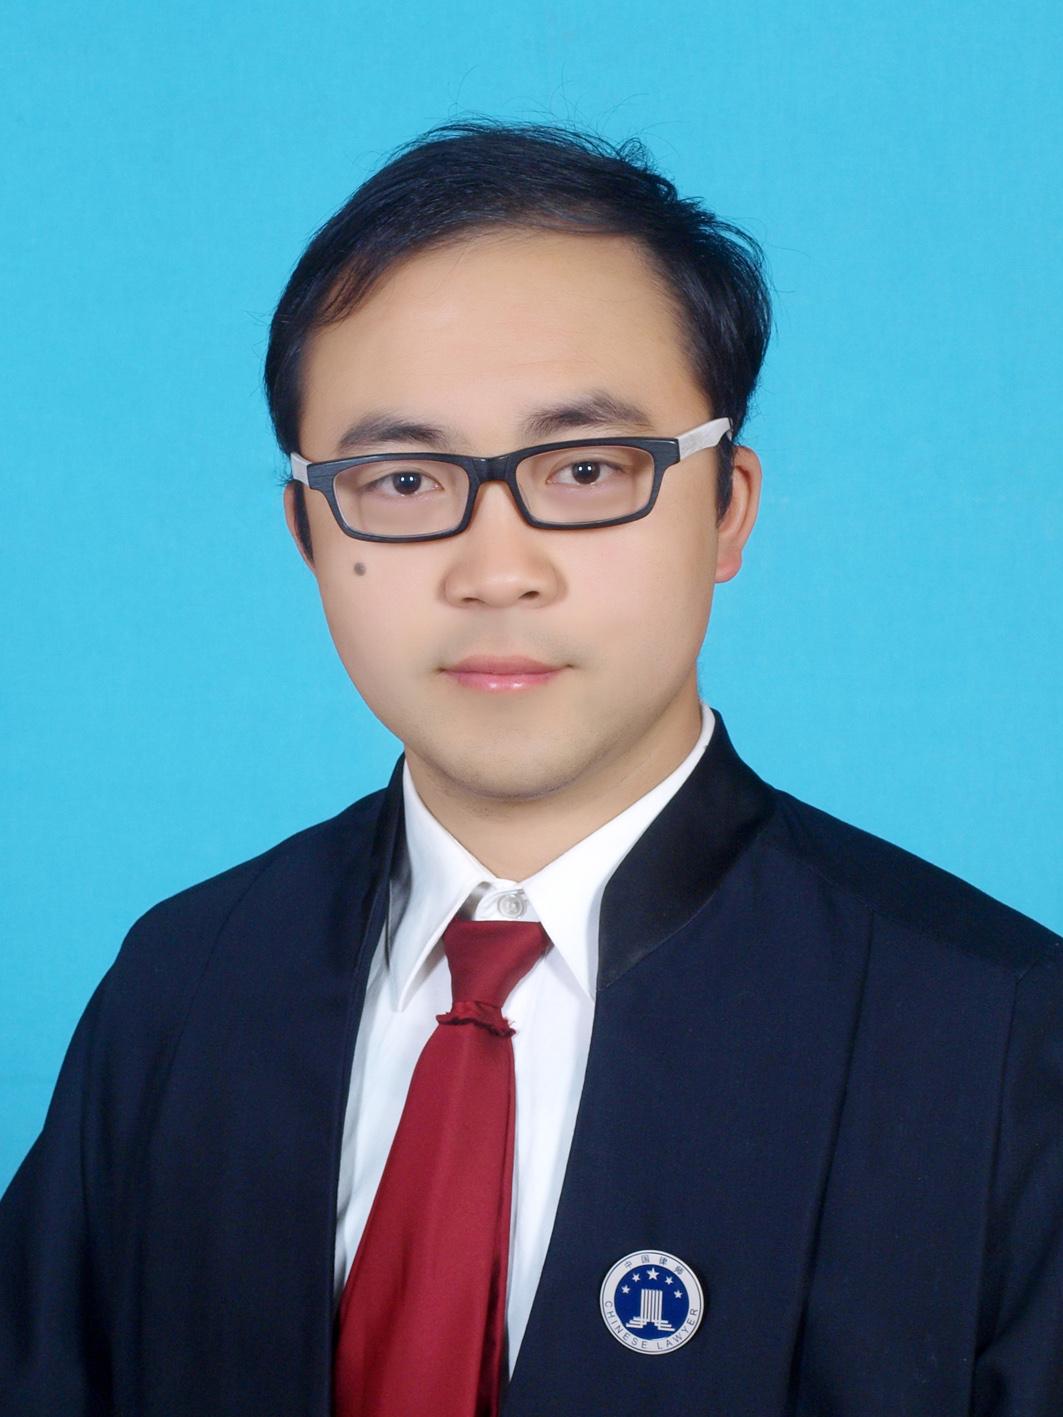 吳忠律師-黃慶律師